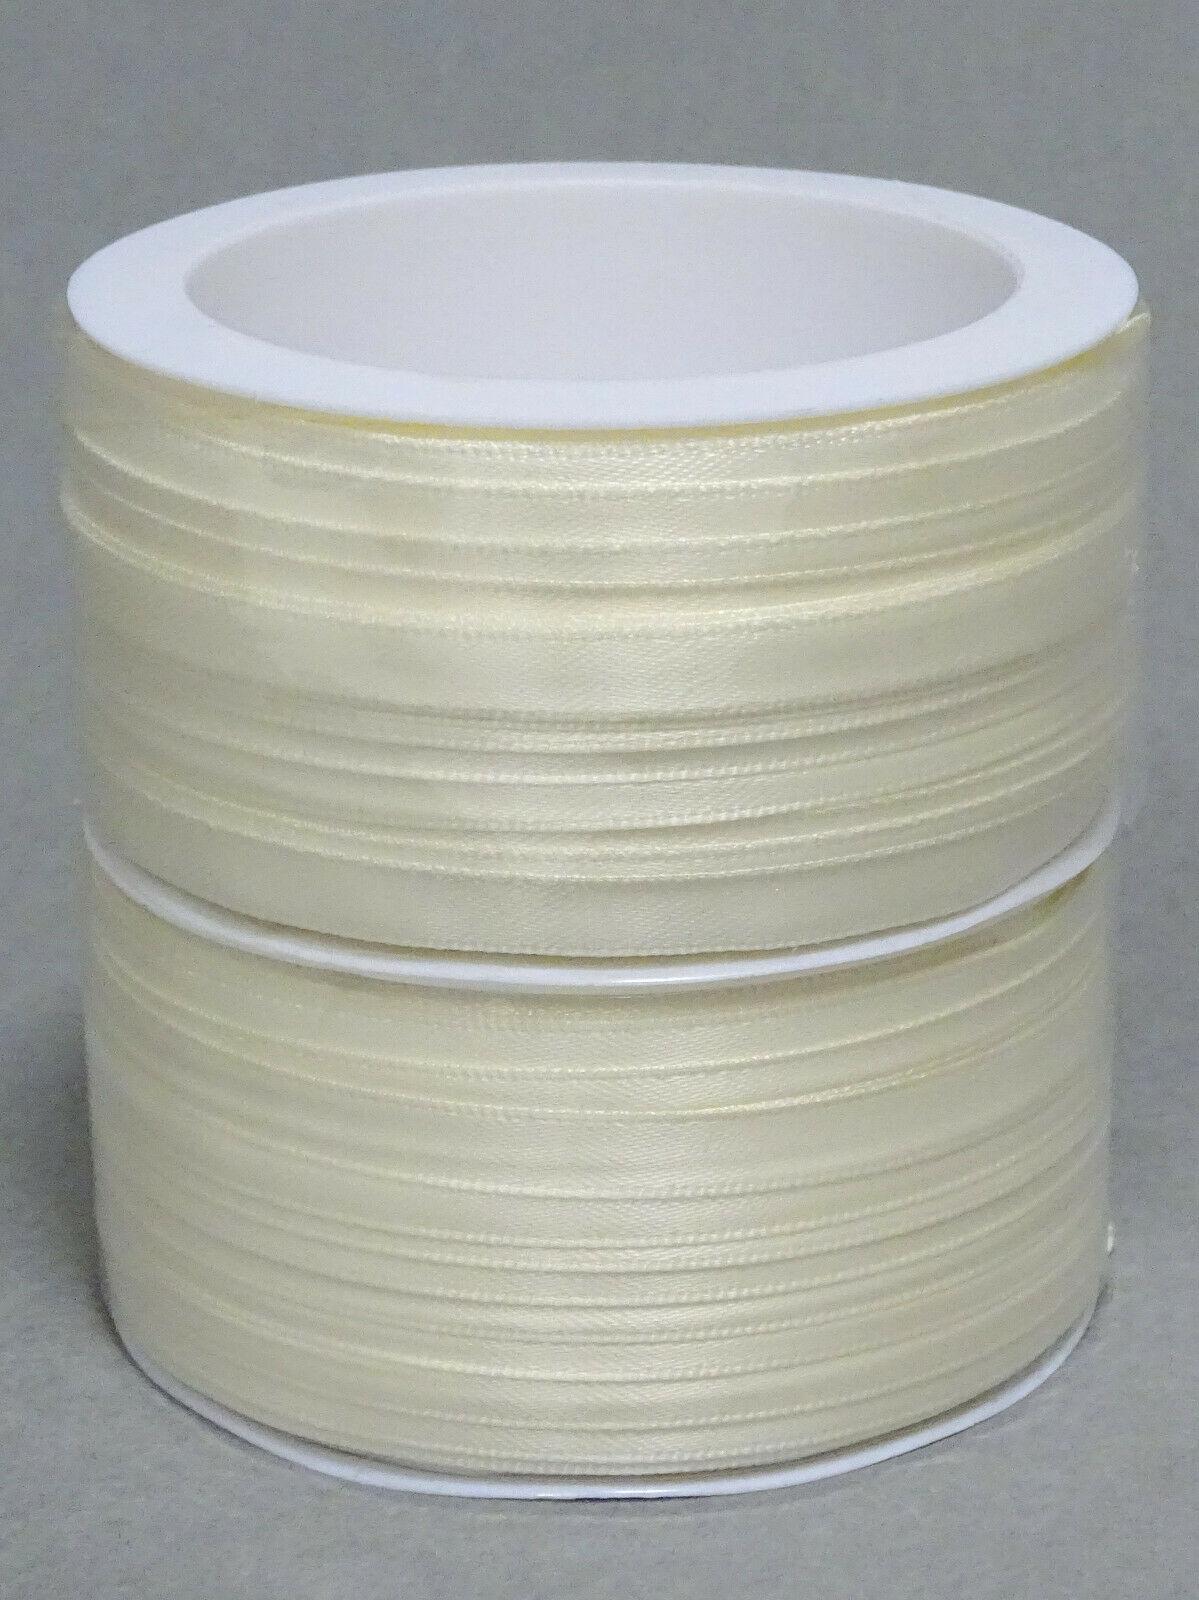 Satinband Schleifenband 50m x 3mm / 6mm Dekoband ab 0,05 €/m Geschenkband Rolle - Elfenbein 202, 3 mm x 50 m